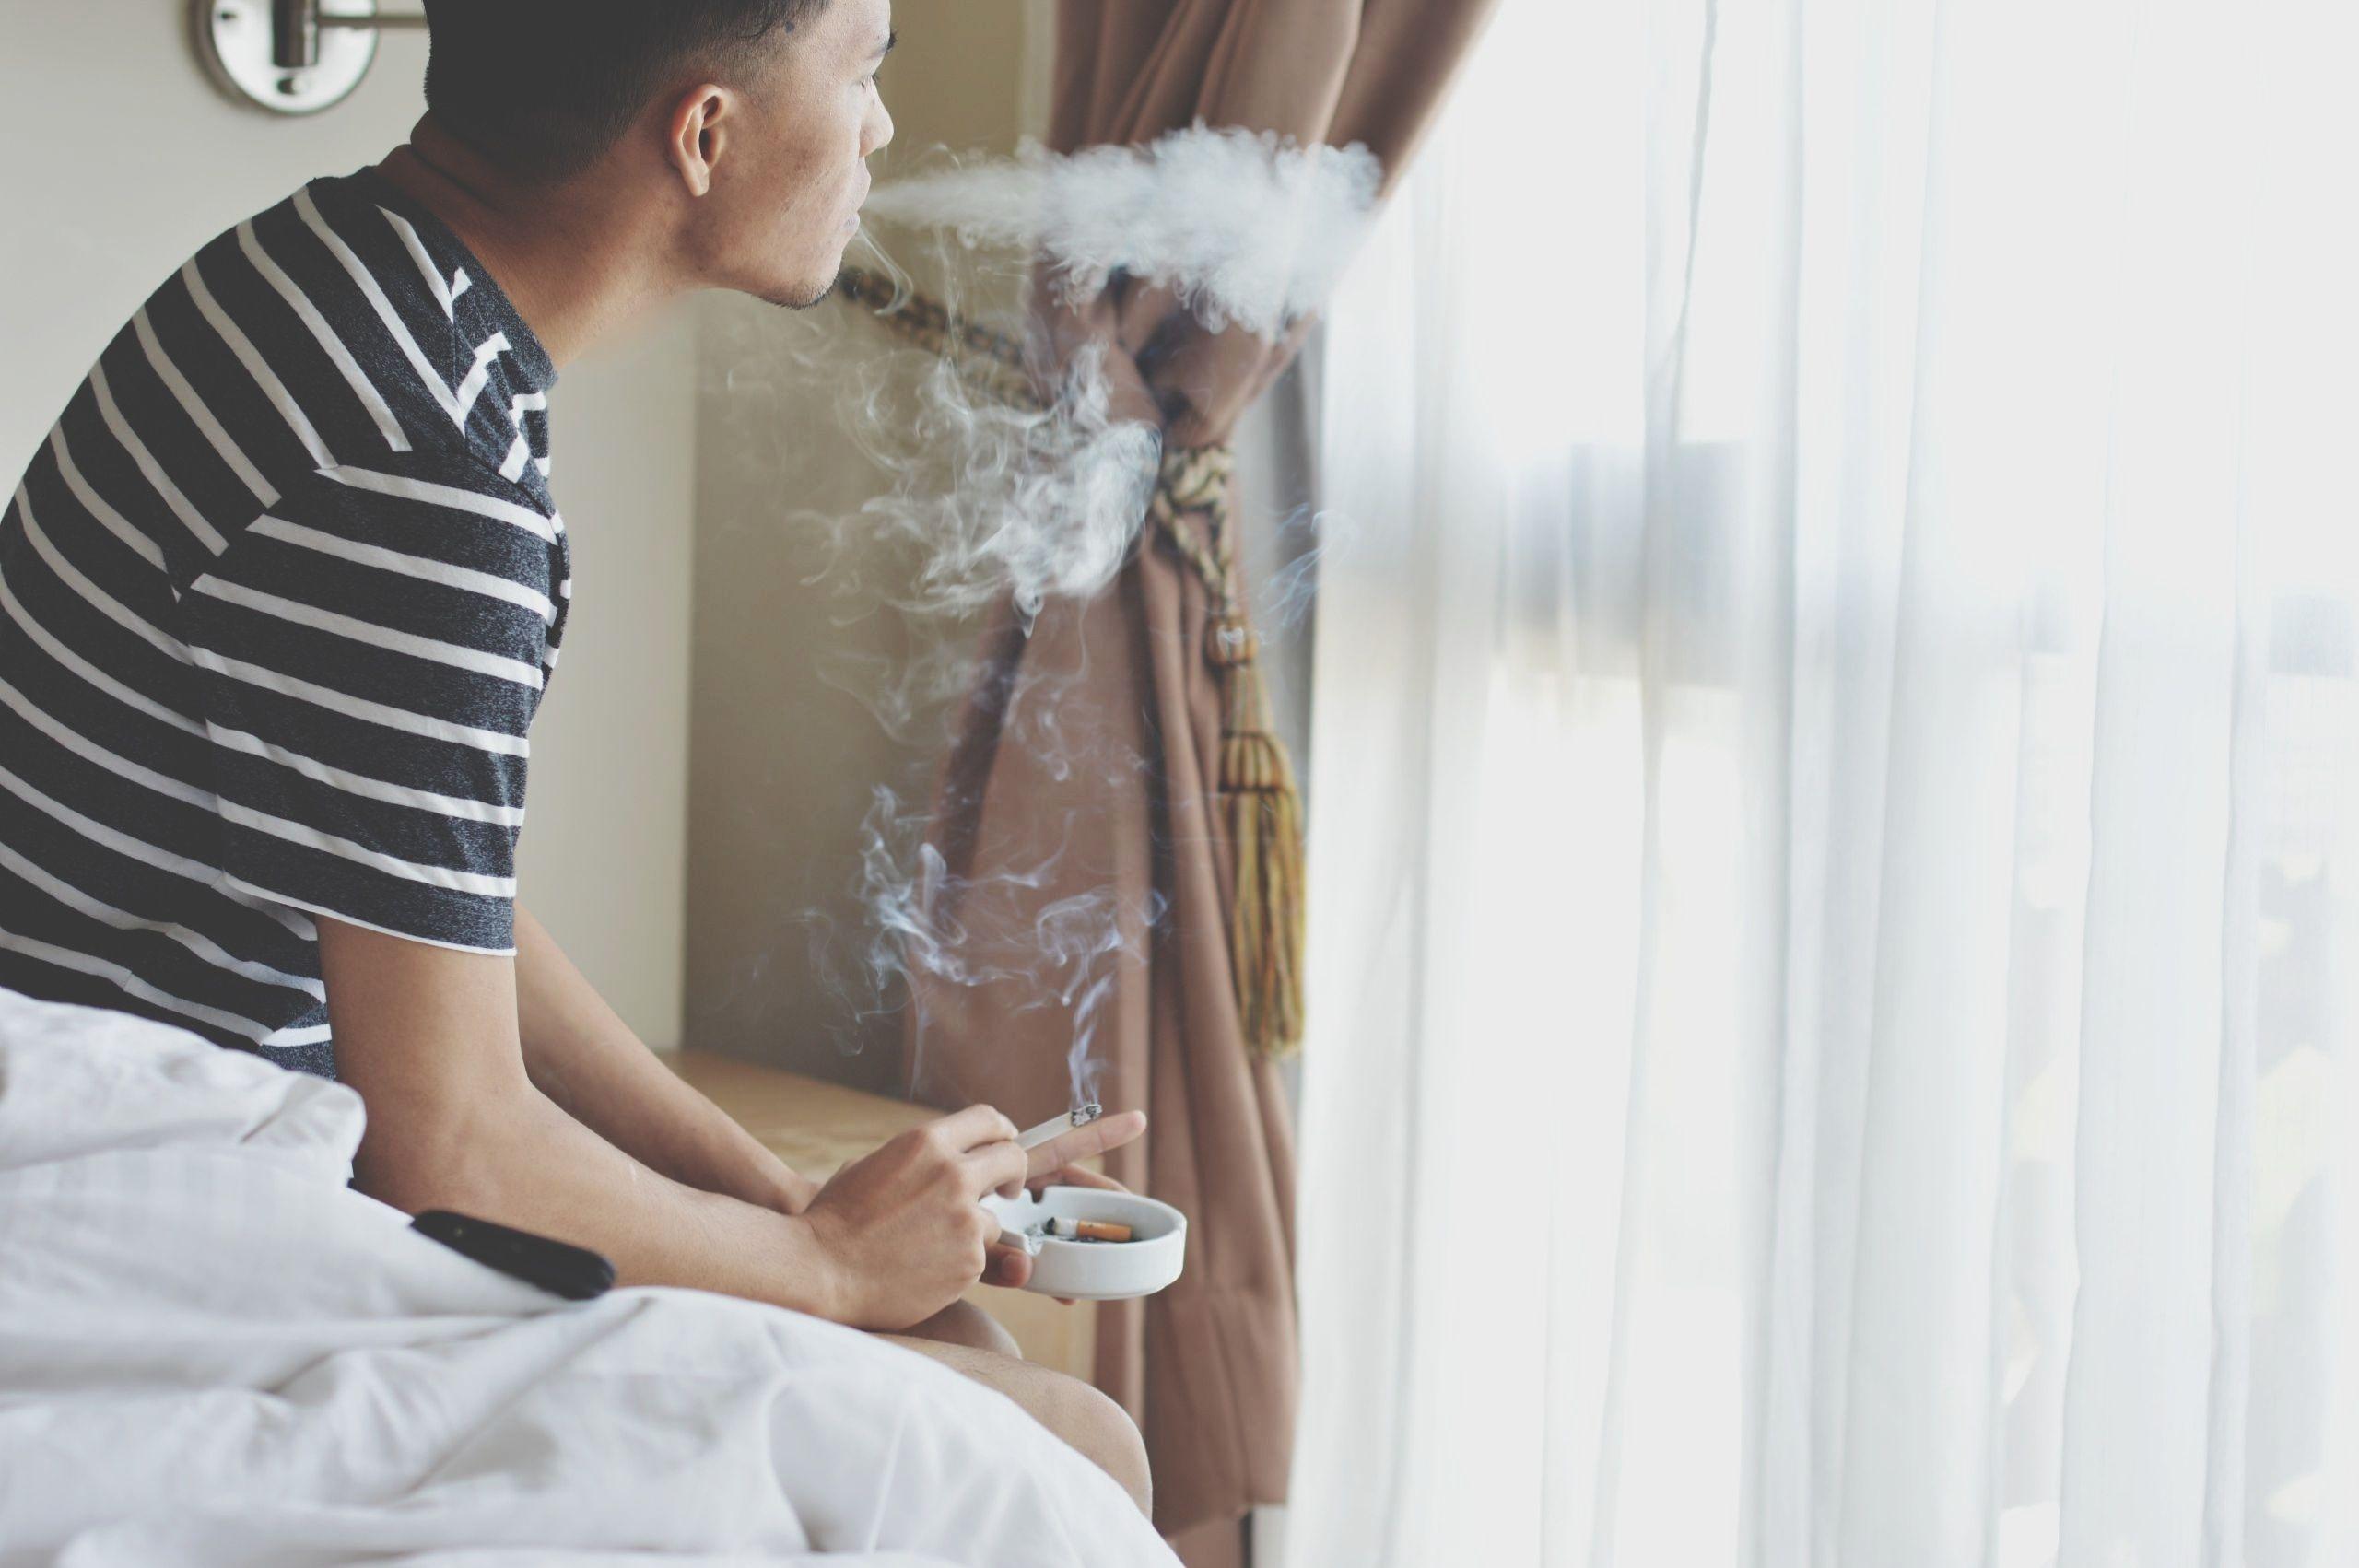 e cigarette toxines